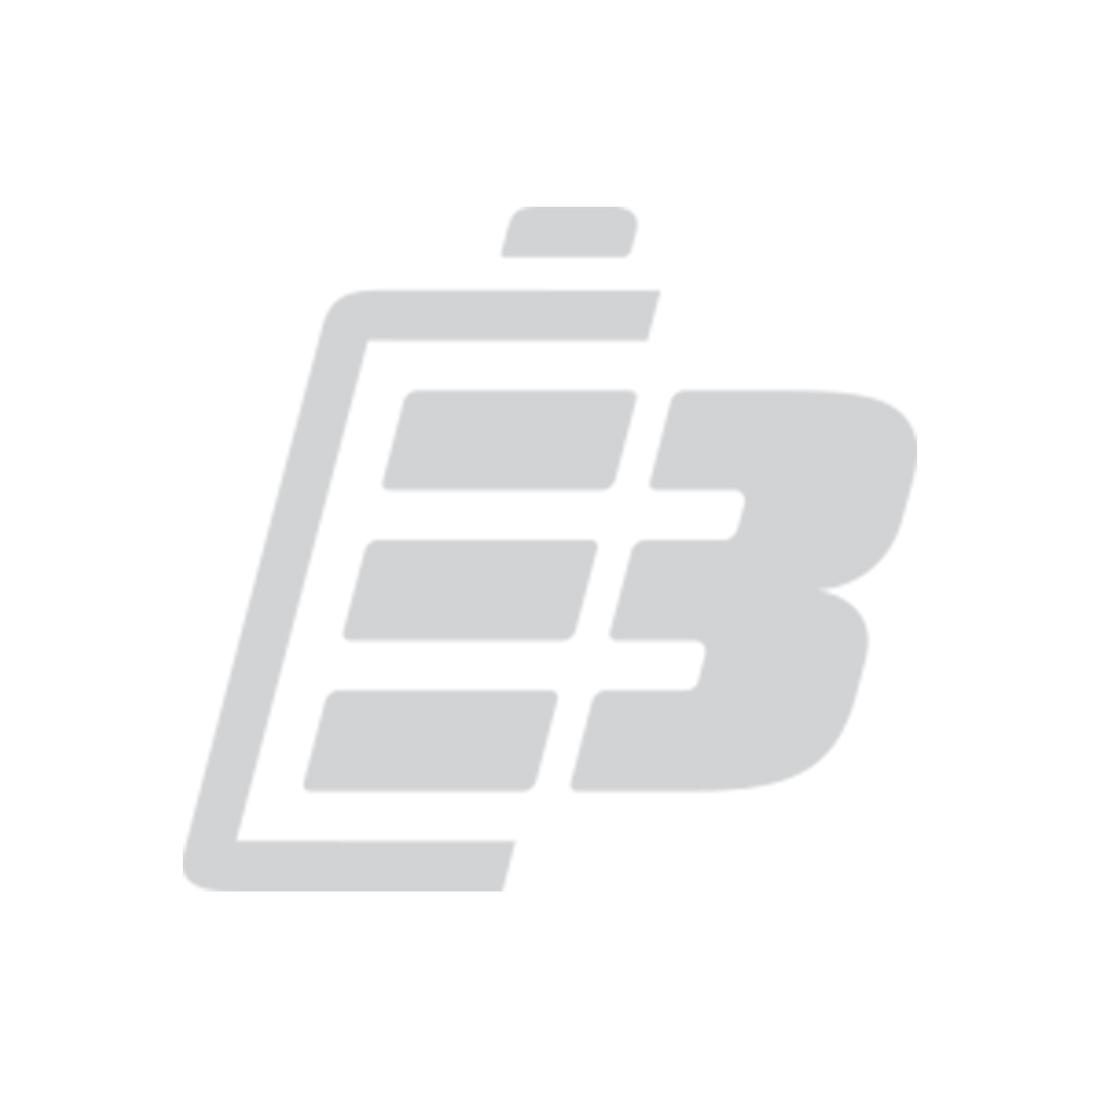 Laptop battery Asus VivoBook S551L_1